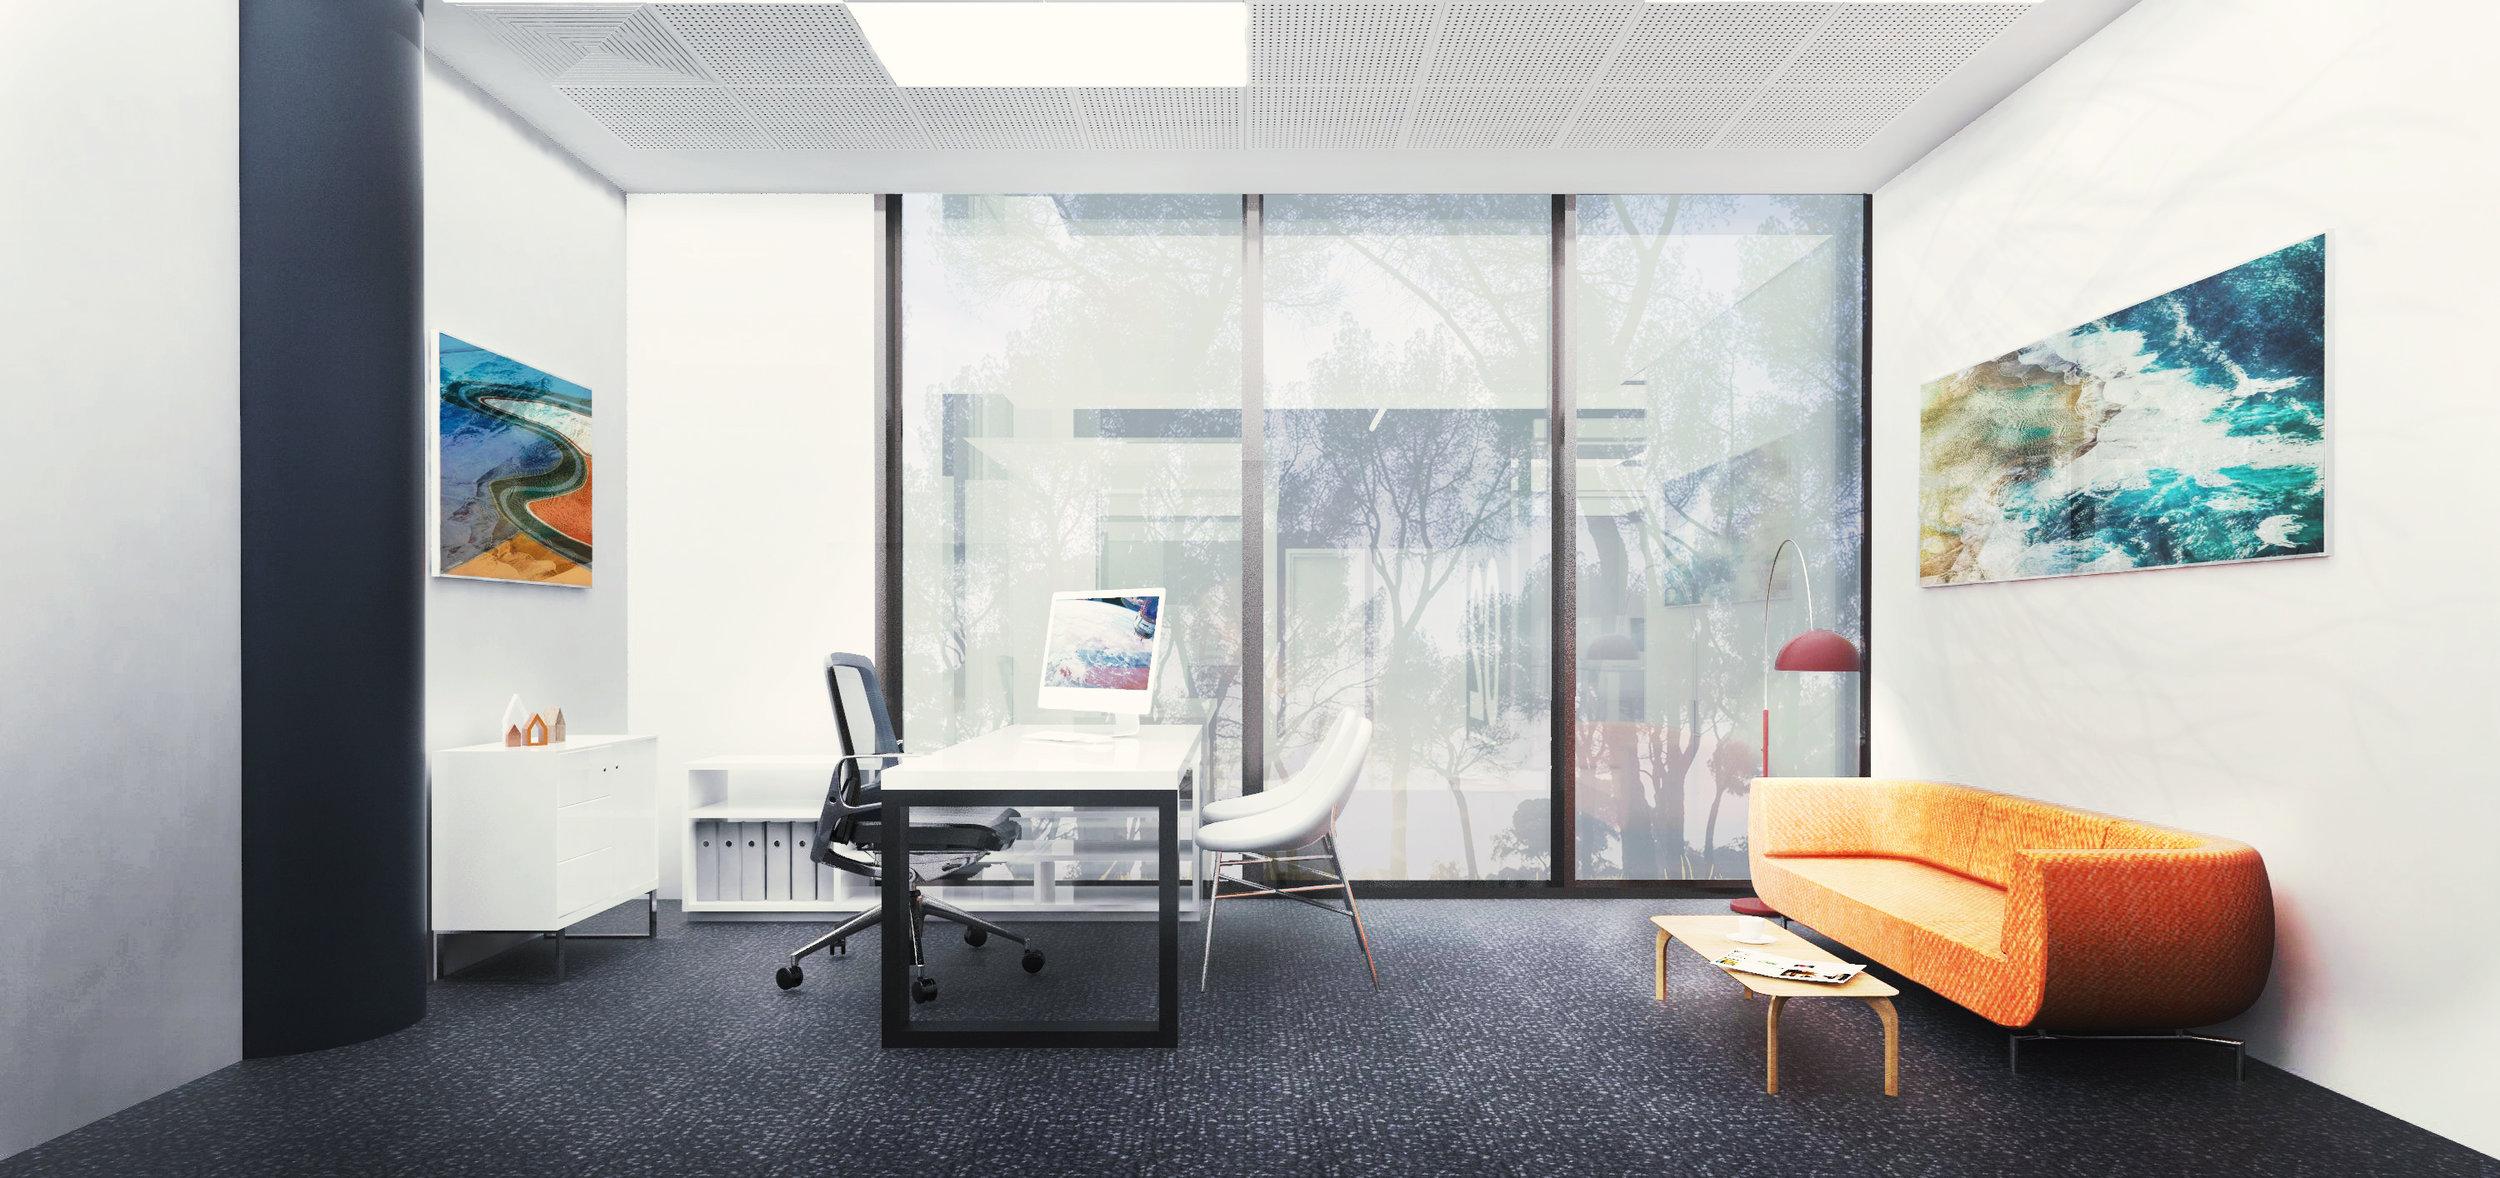 THE OFFICE |  Gila Shemie Zakay